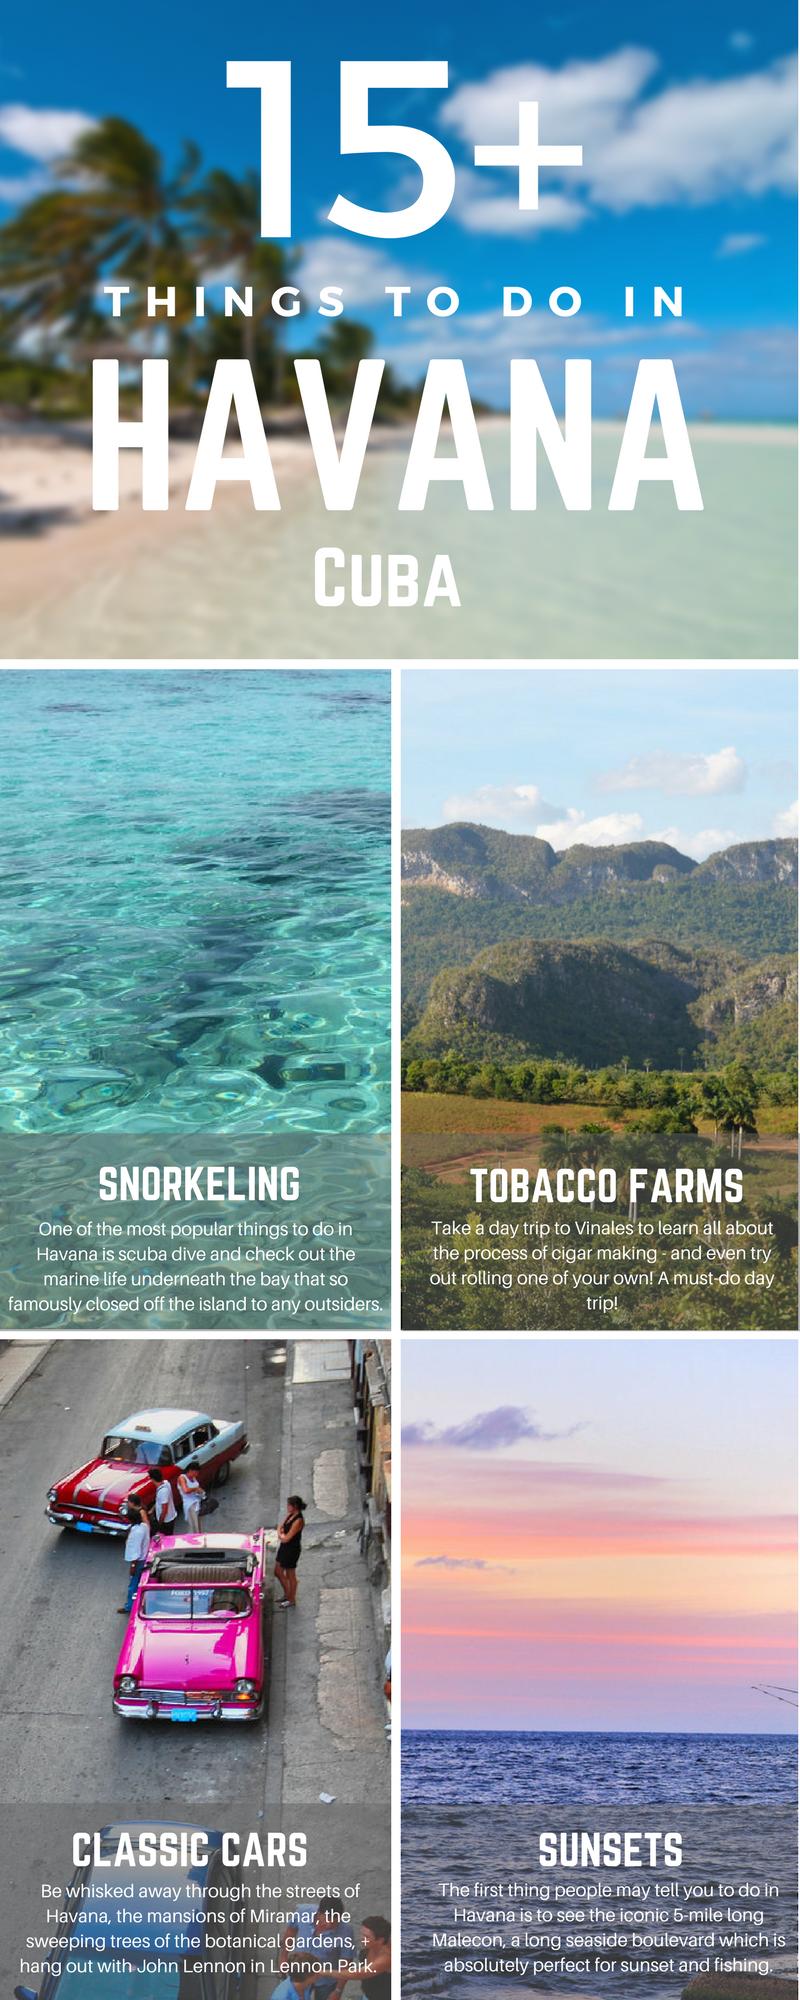 15 Best Things To Do In Havana Cuba Kuba Reisen Reisen Und Urlaub Reisen